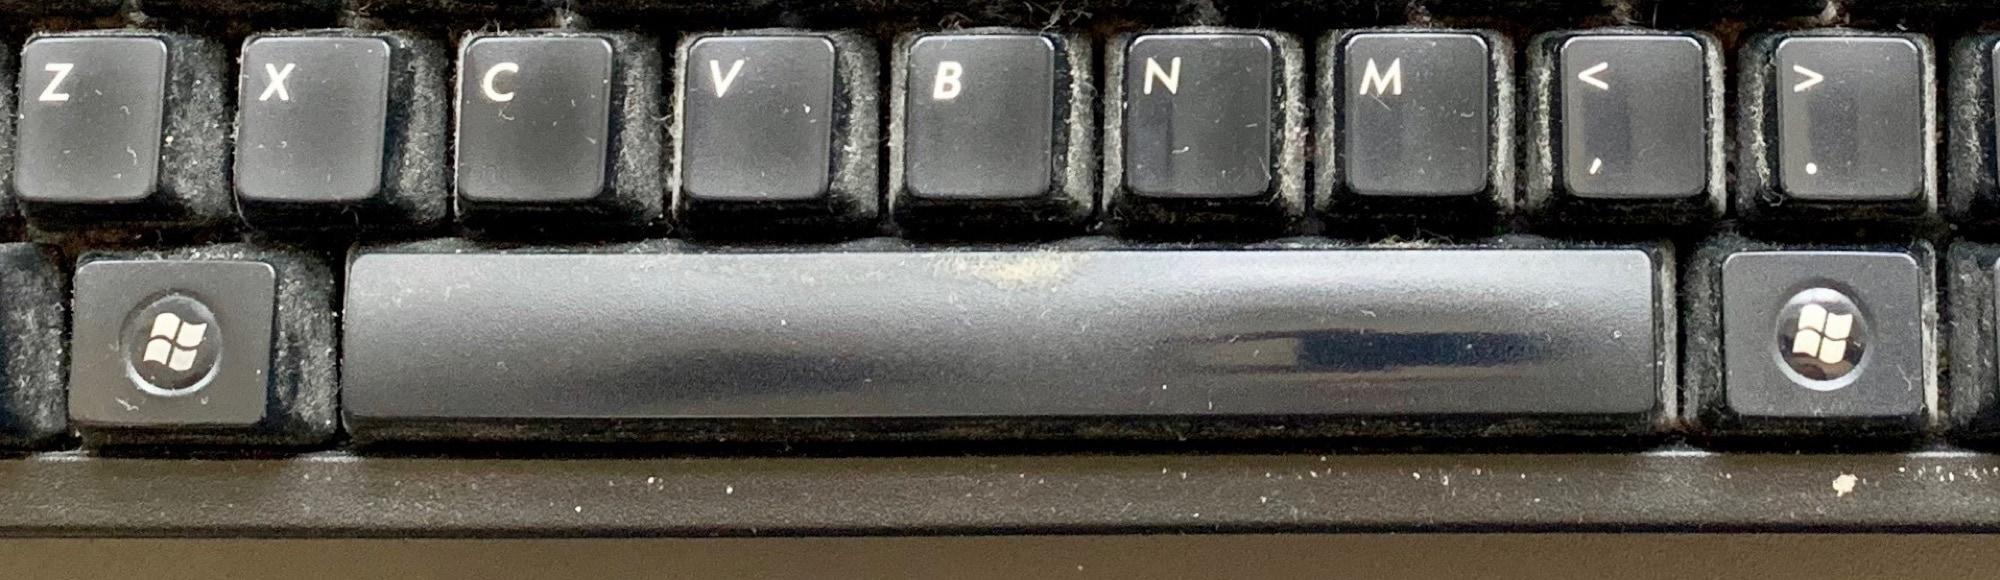 Si utiliza la barra espaciadora Push to Talk, se realizarán llamadas …